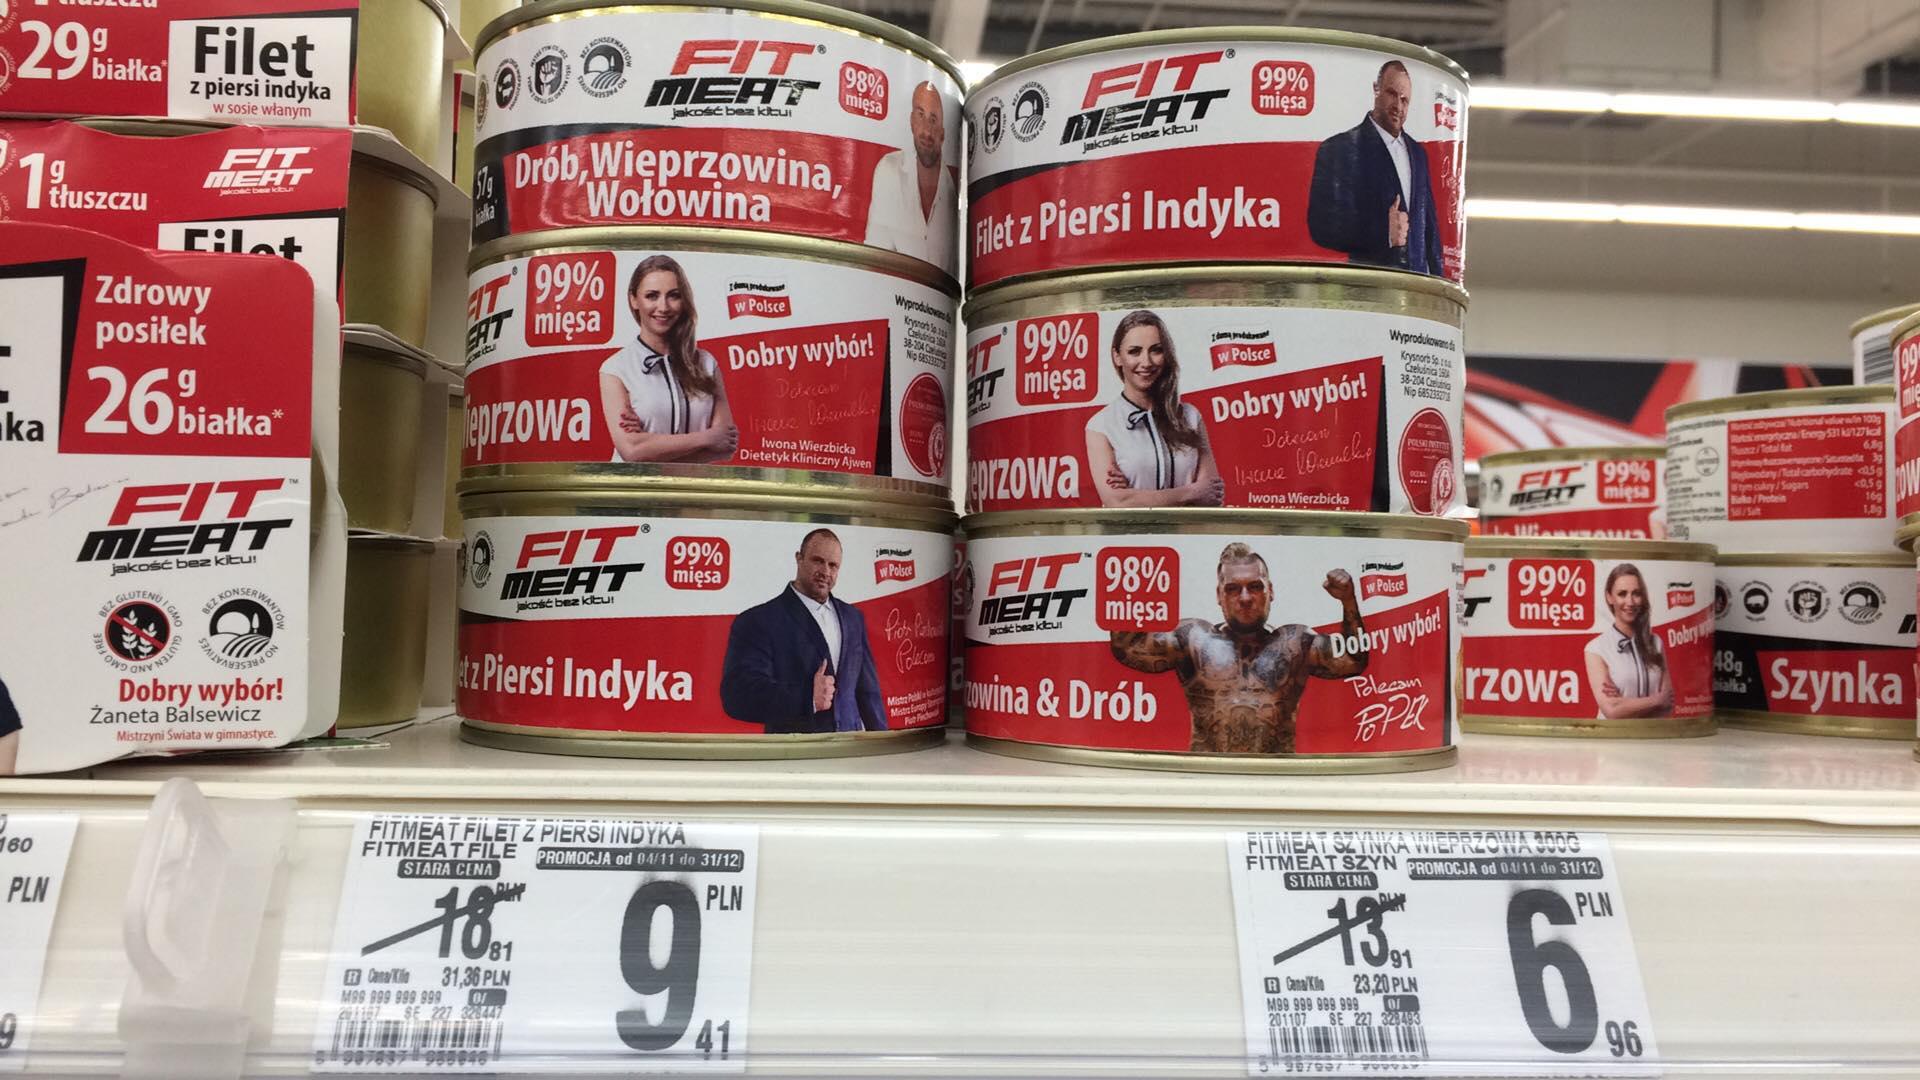 FitMeat - konserwy mięsne - Auchan Zielona Góra